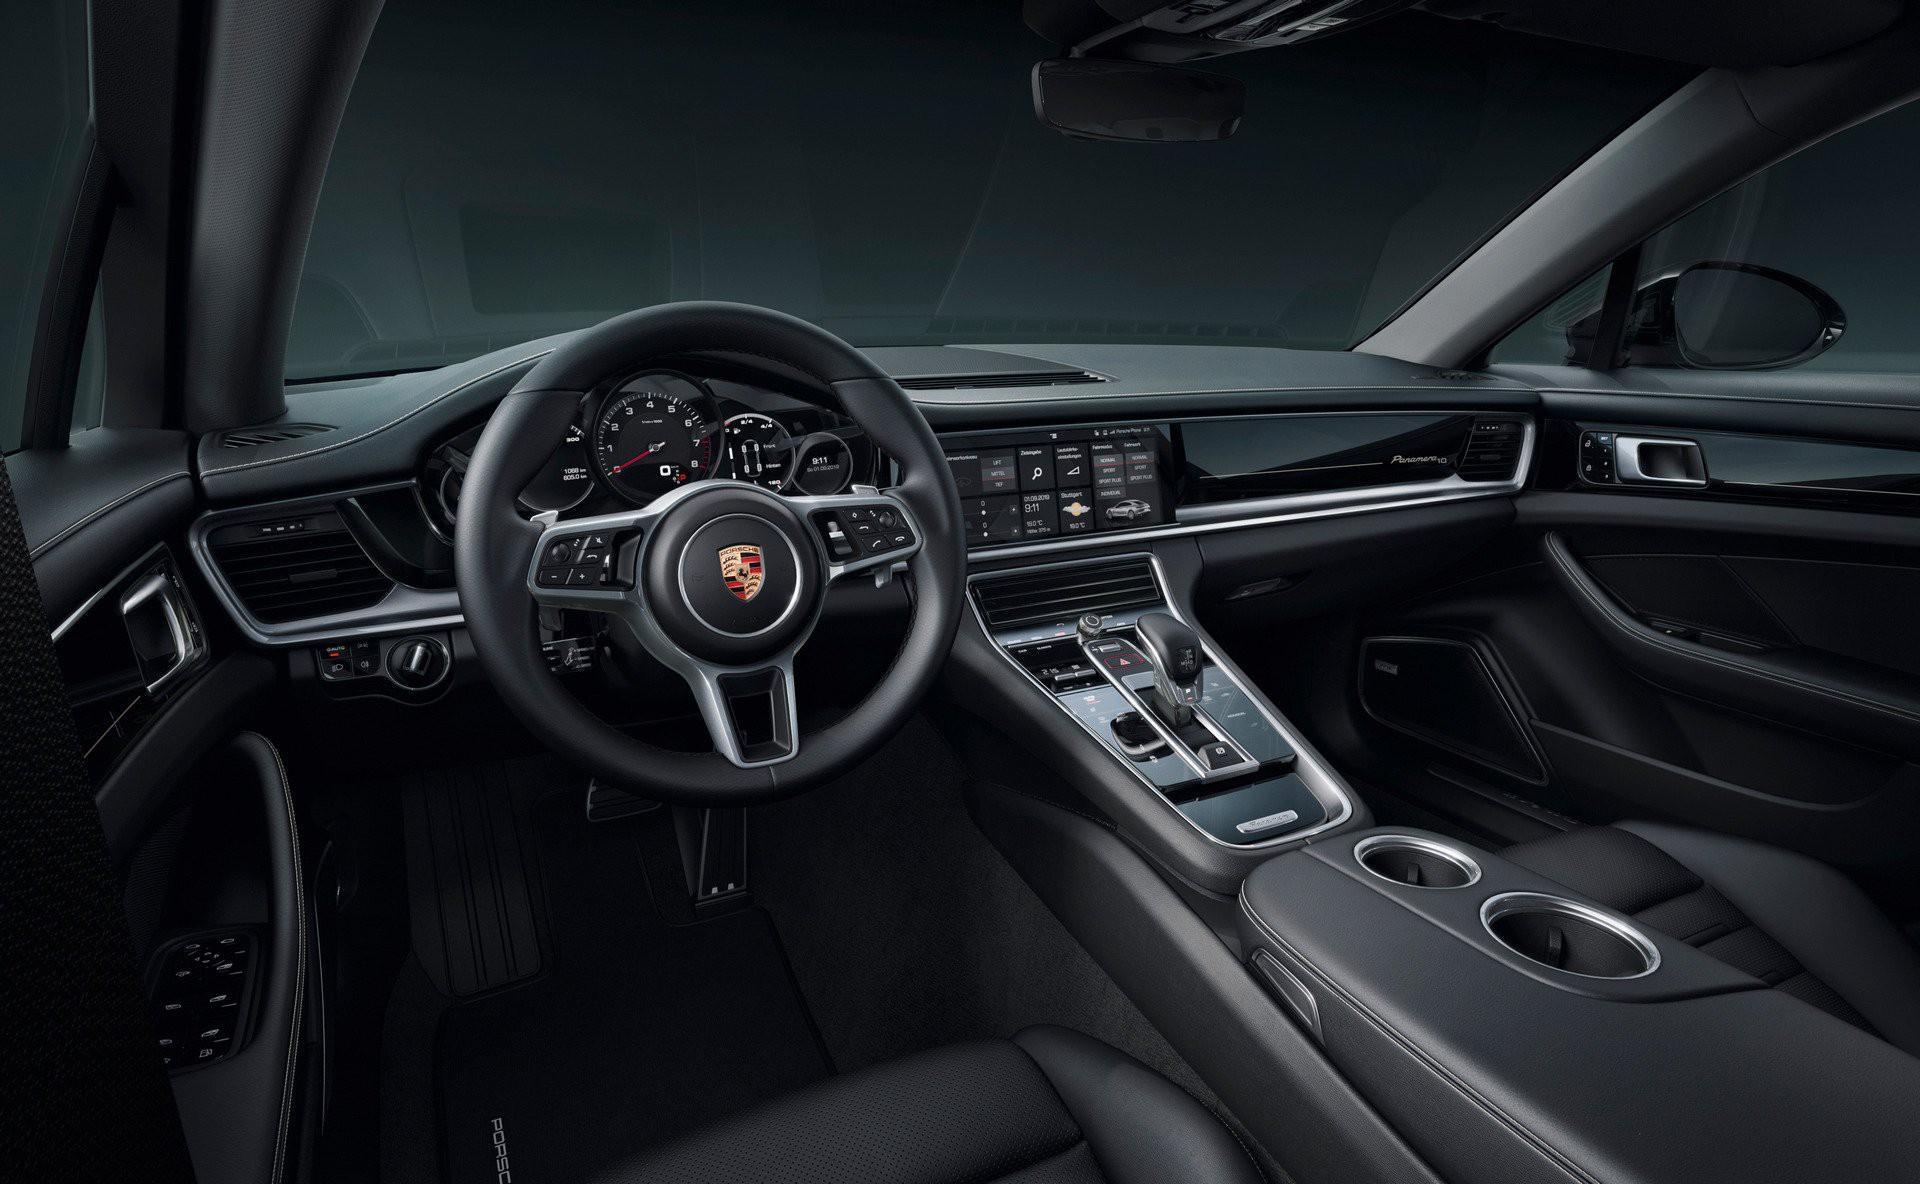 Porsche Panamera 2020 phiên bản kỷ niệm 10 có gì đặc biệt? Ảnh 3